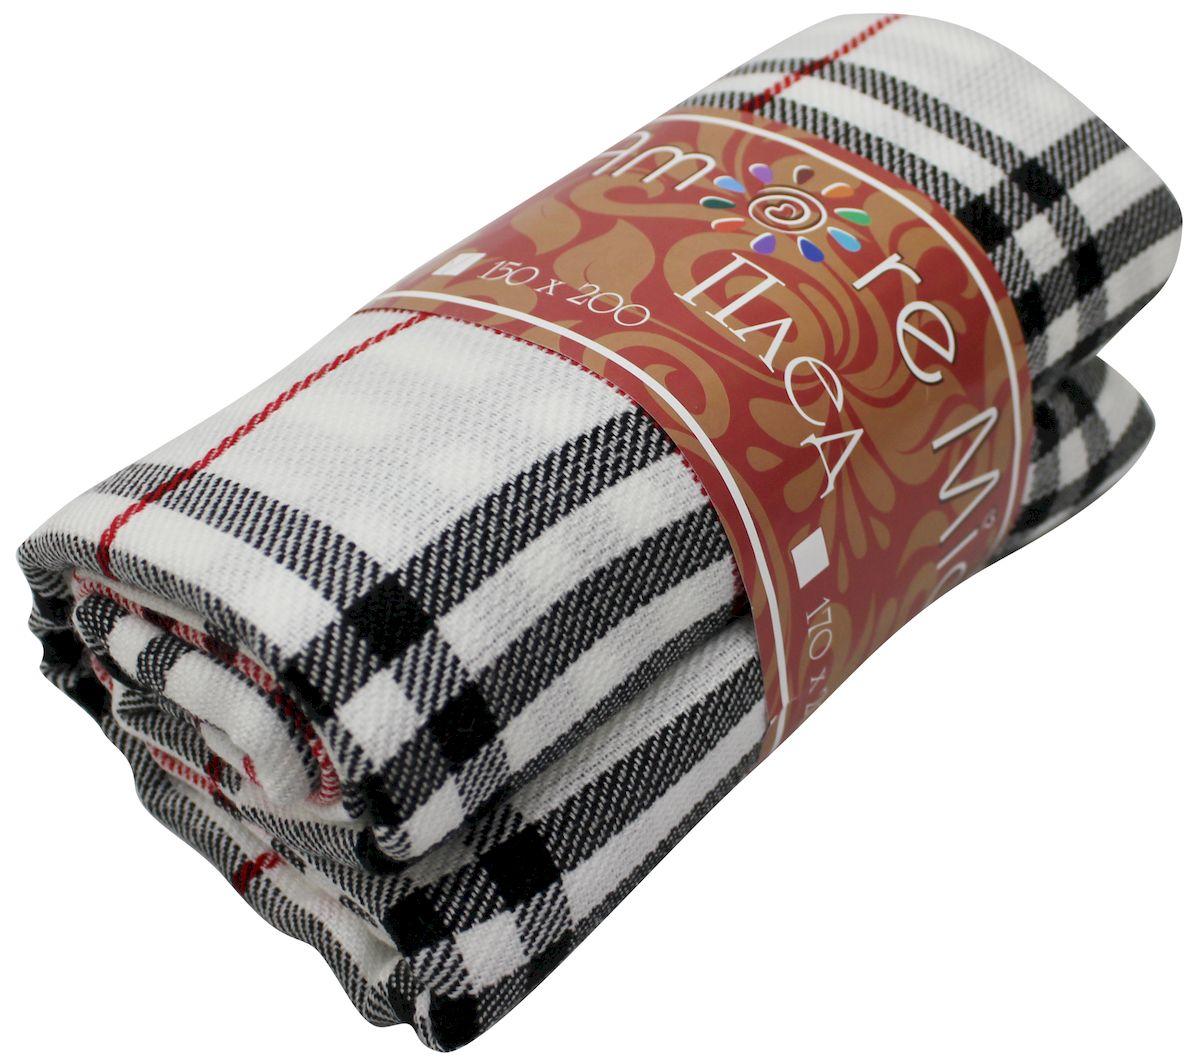 Плед Amore Mio Delicacy, 170 х 200 см78892Мягкий, теплый и уютный плед с кистями Amore Mio Delicacy изготовлен из 100% акрила. Не зря в народе за акрилом закрепилось имя искусственной шерсти. Акриловое волокно великолепно удерживает тепло, оно практично и долговечно. Еще одно преимущество - в цене, так как по факту акрил значительно дешевле натуральной шерсти.